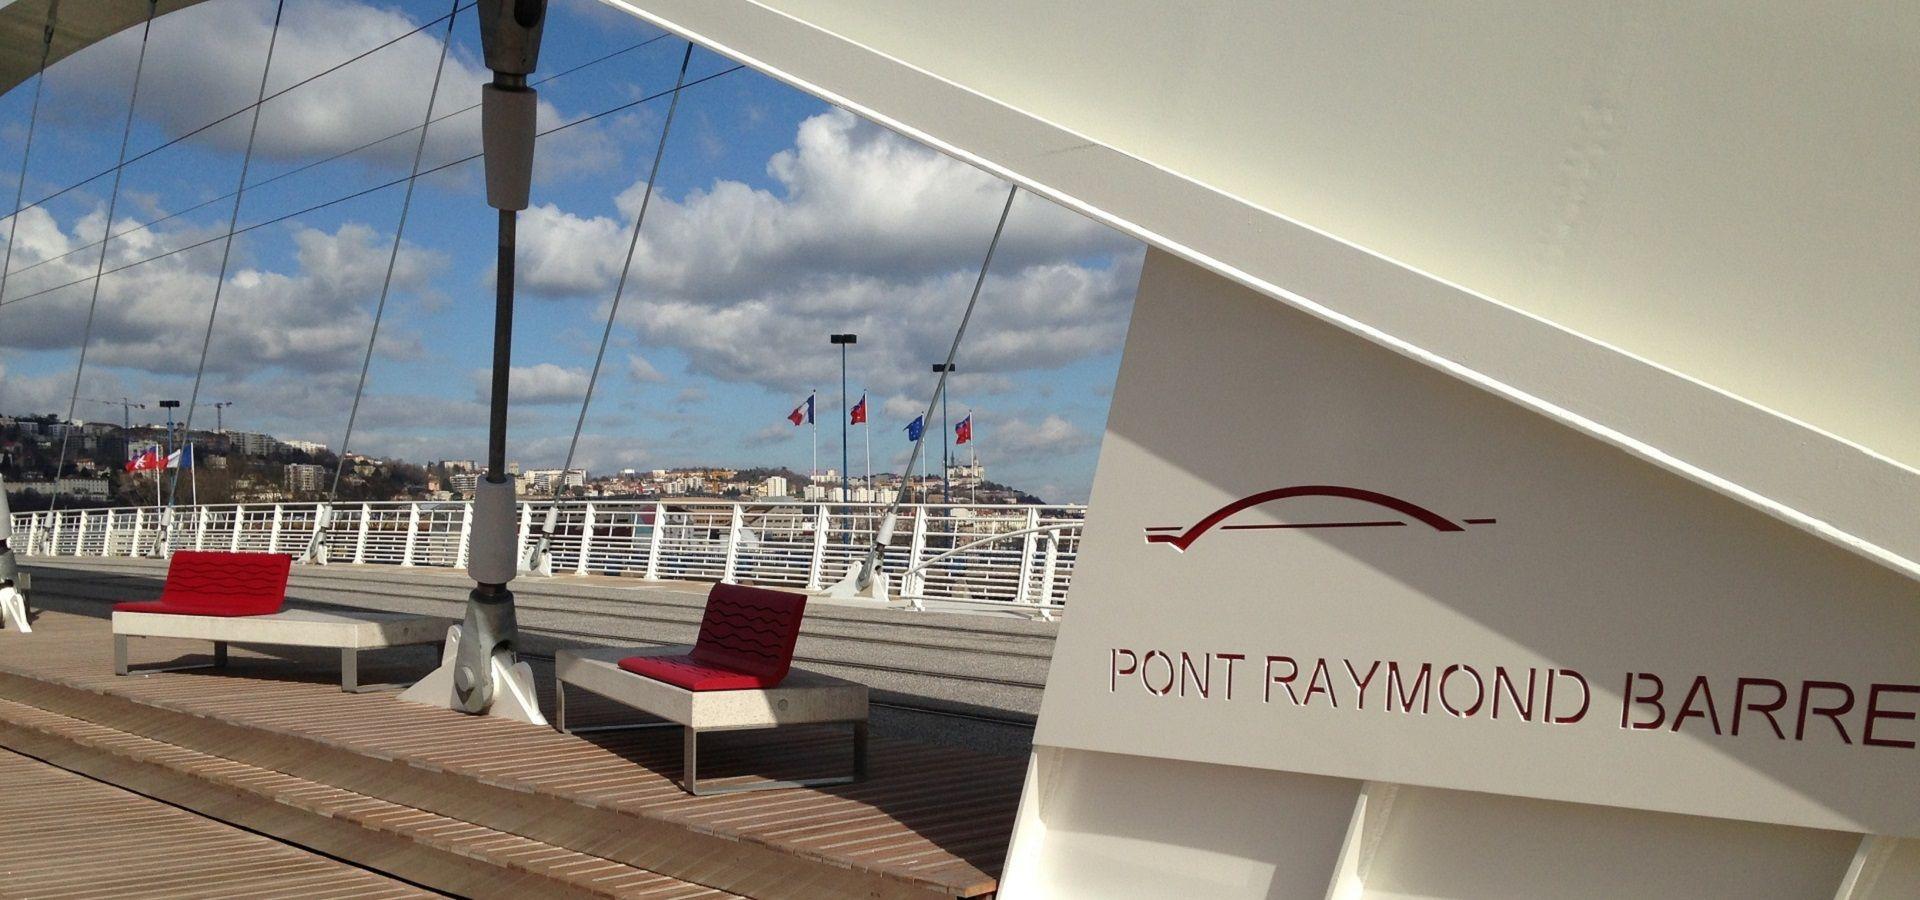 lyon-pont-raymond-barre-banc-béton-chaise-longue-metalco-rivola-diamante